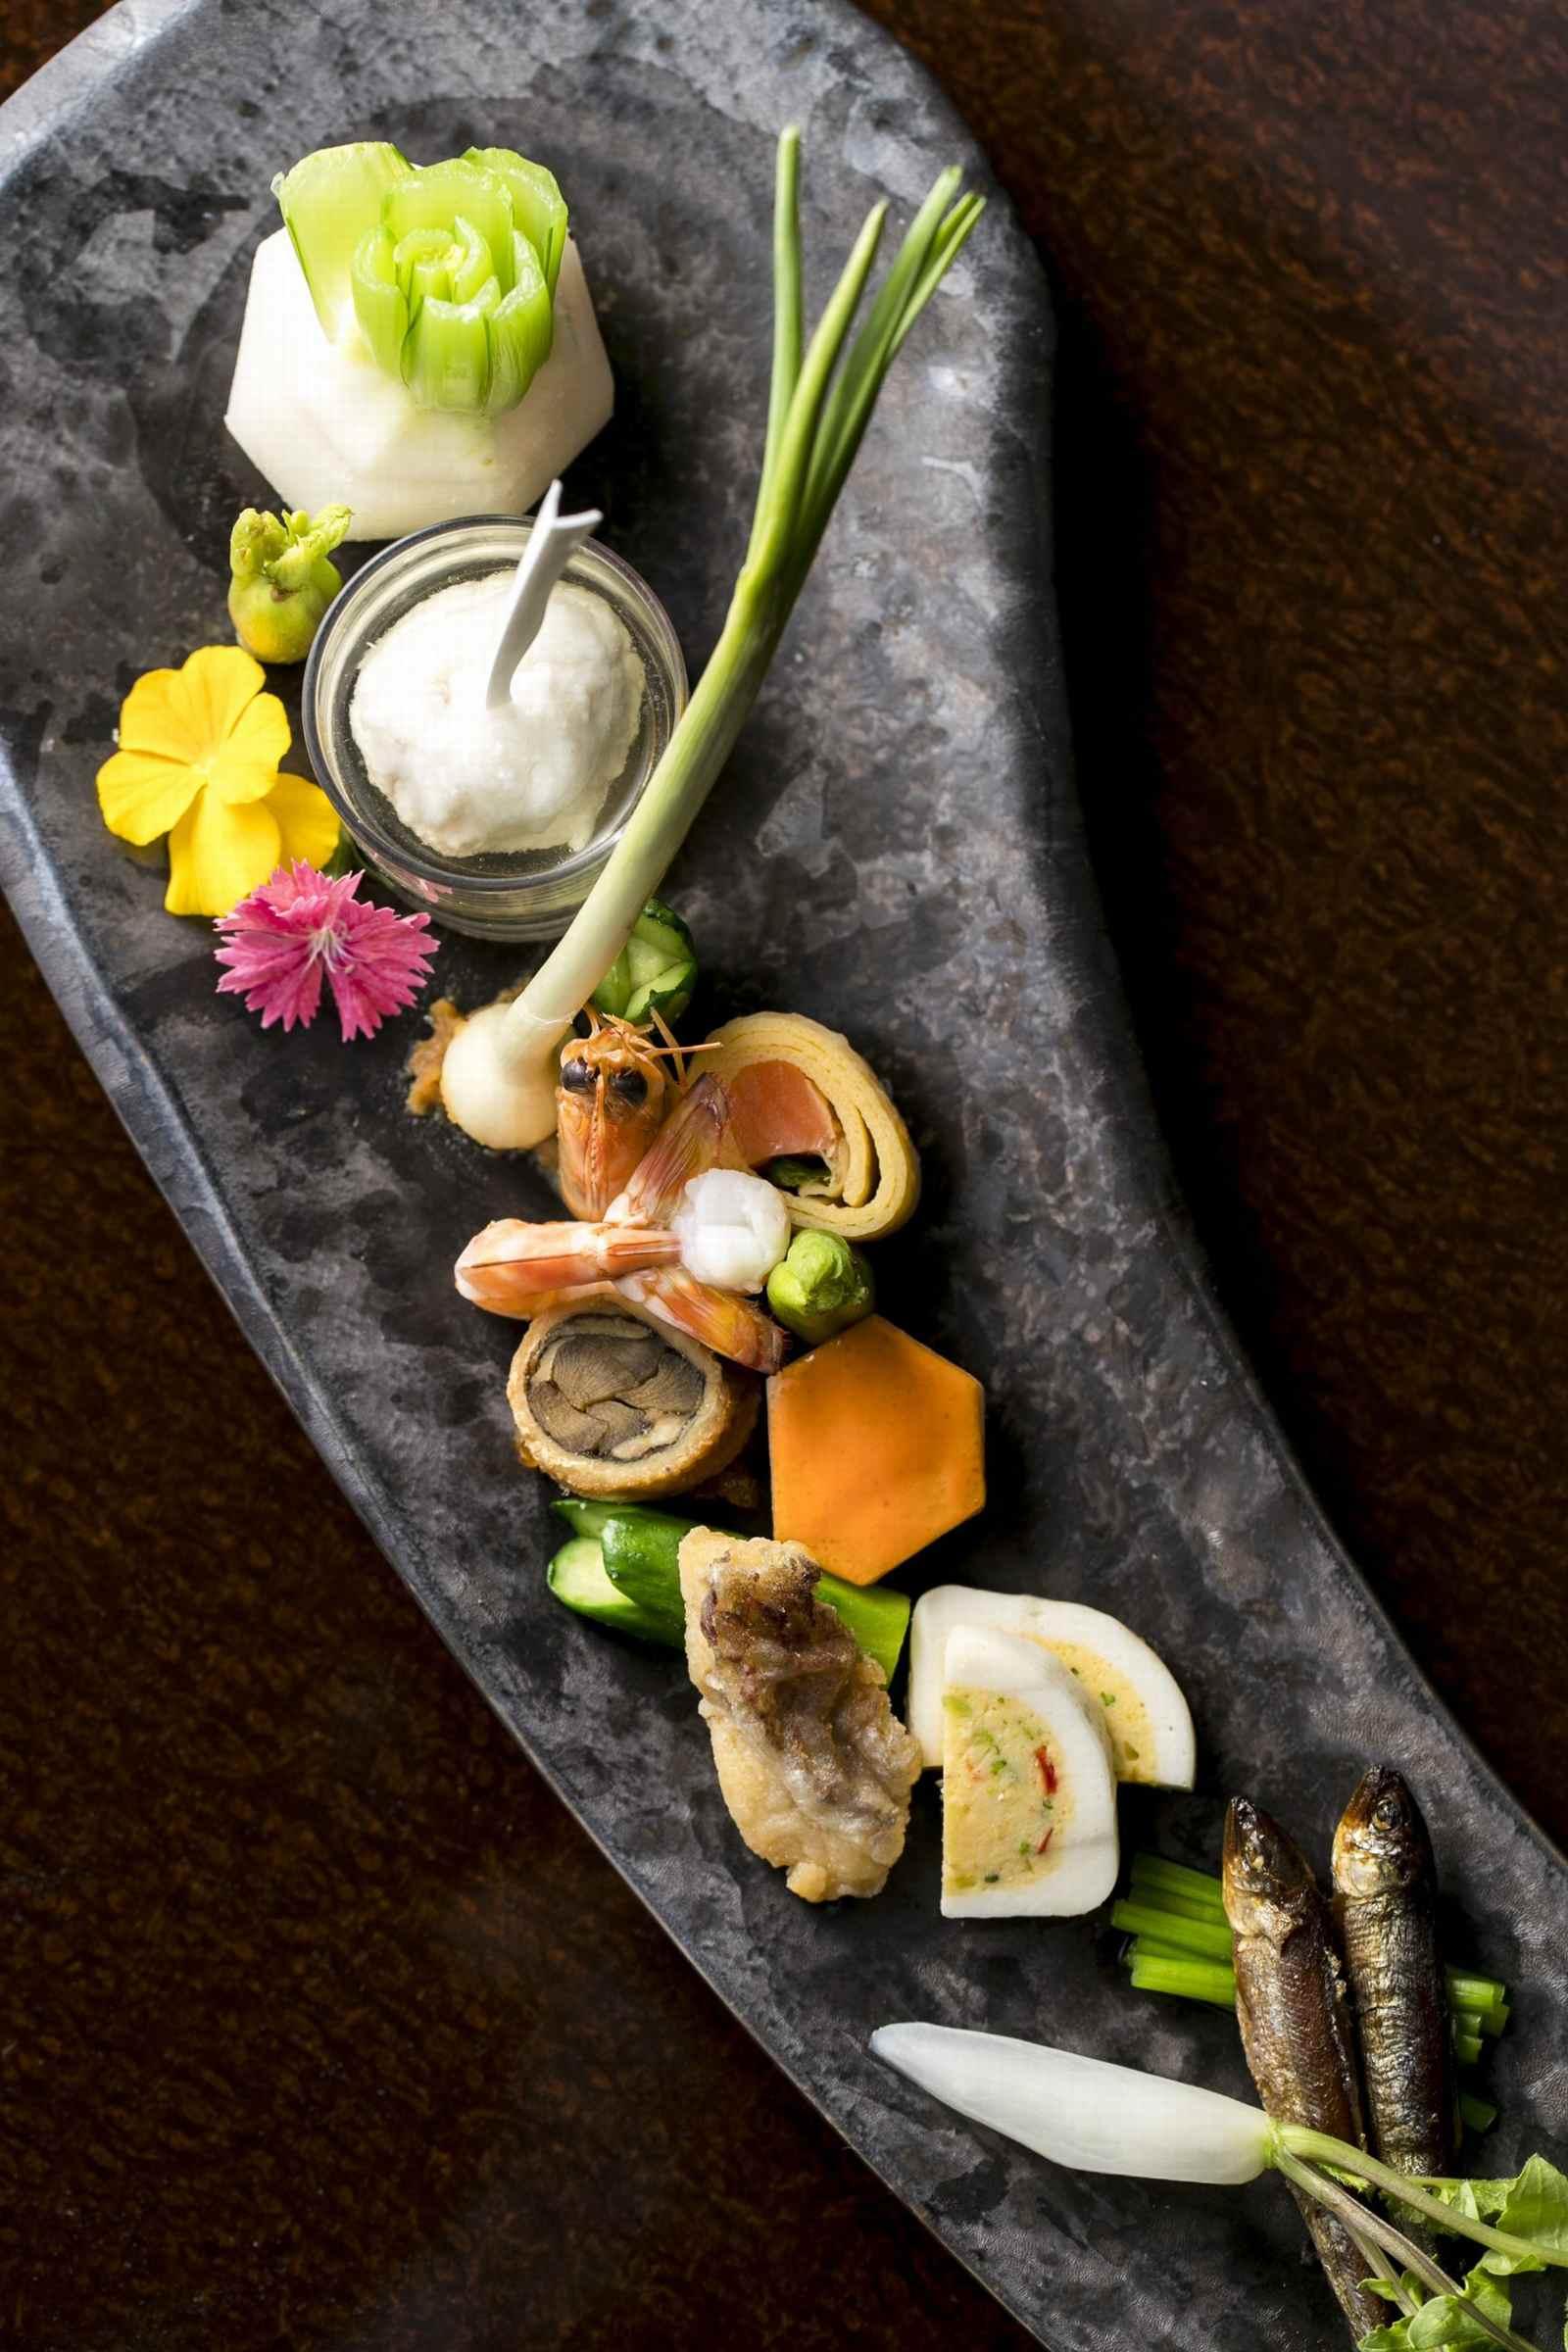 高松市の結婚式場アイルバレクラブの婚礼料理のイメージ